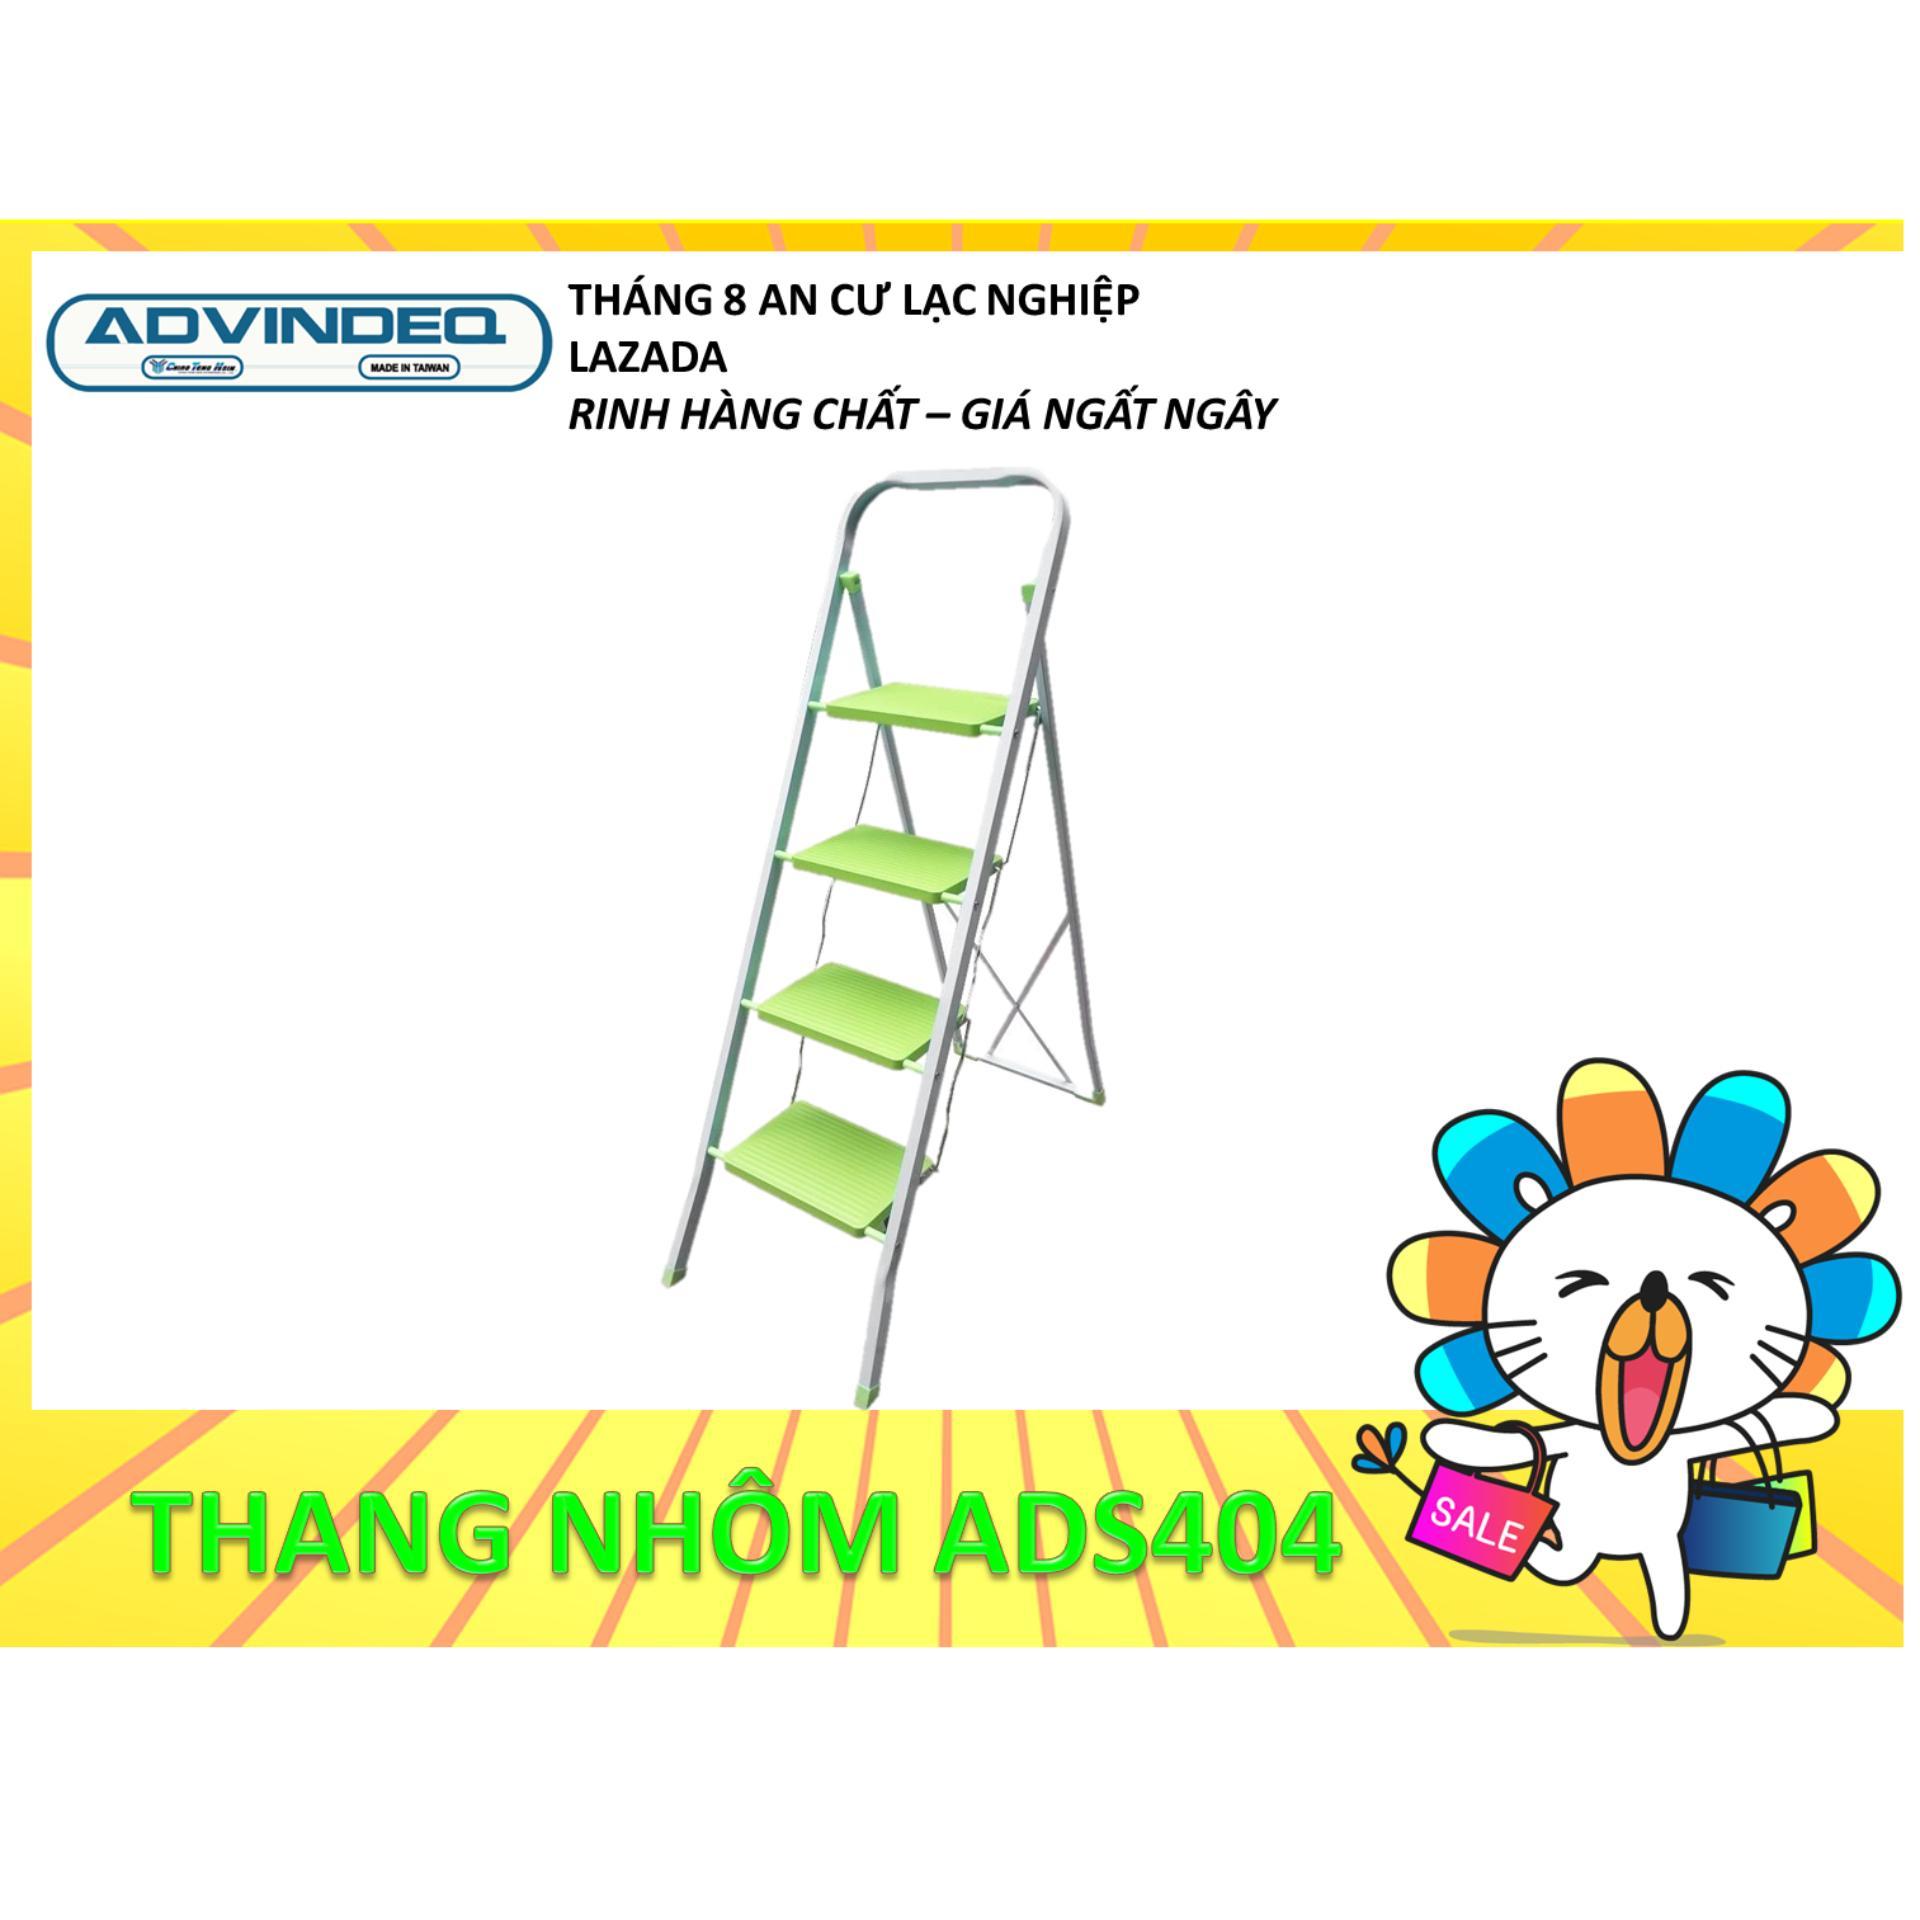 Thang ghế 4 bậc Advindeq ADS404 (Bậc cao nhất: 93cm)